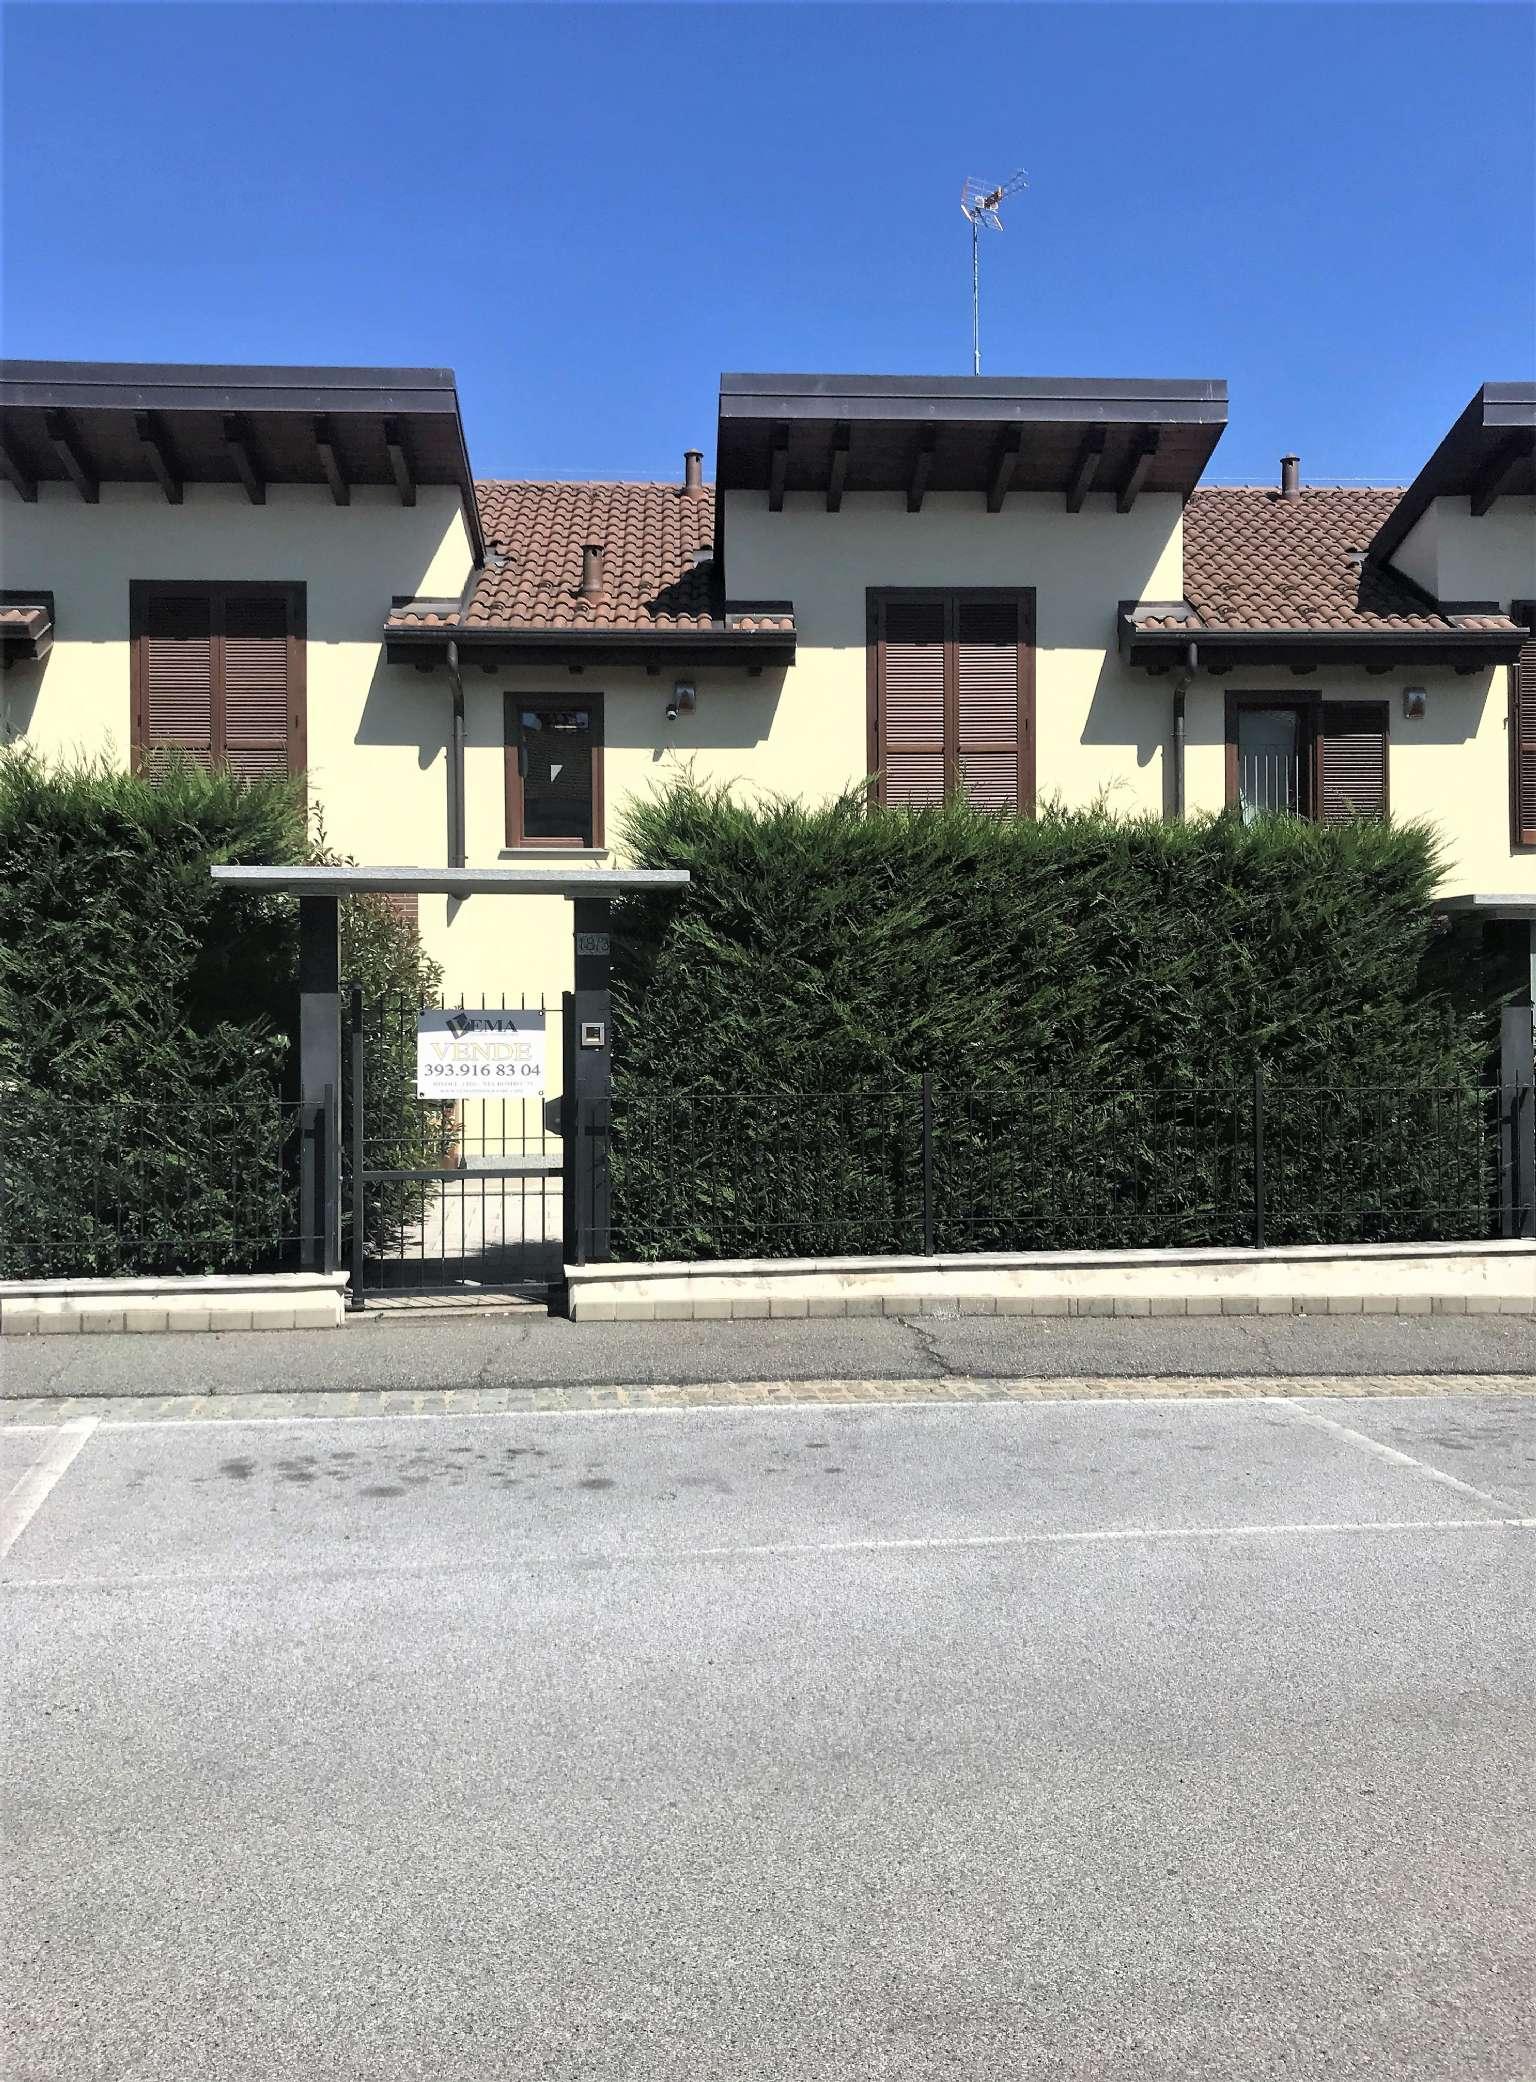 Villa a Schiera in vendita a Rosta, 5 locali, prezzo € 290.000 | PortaleAgenzieImmobiliari.it